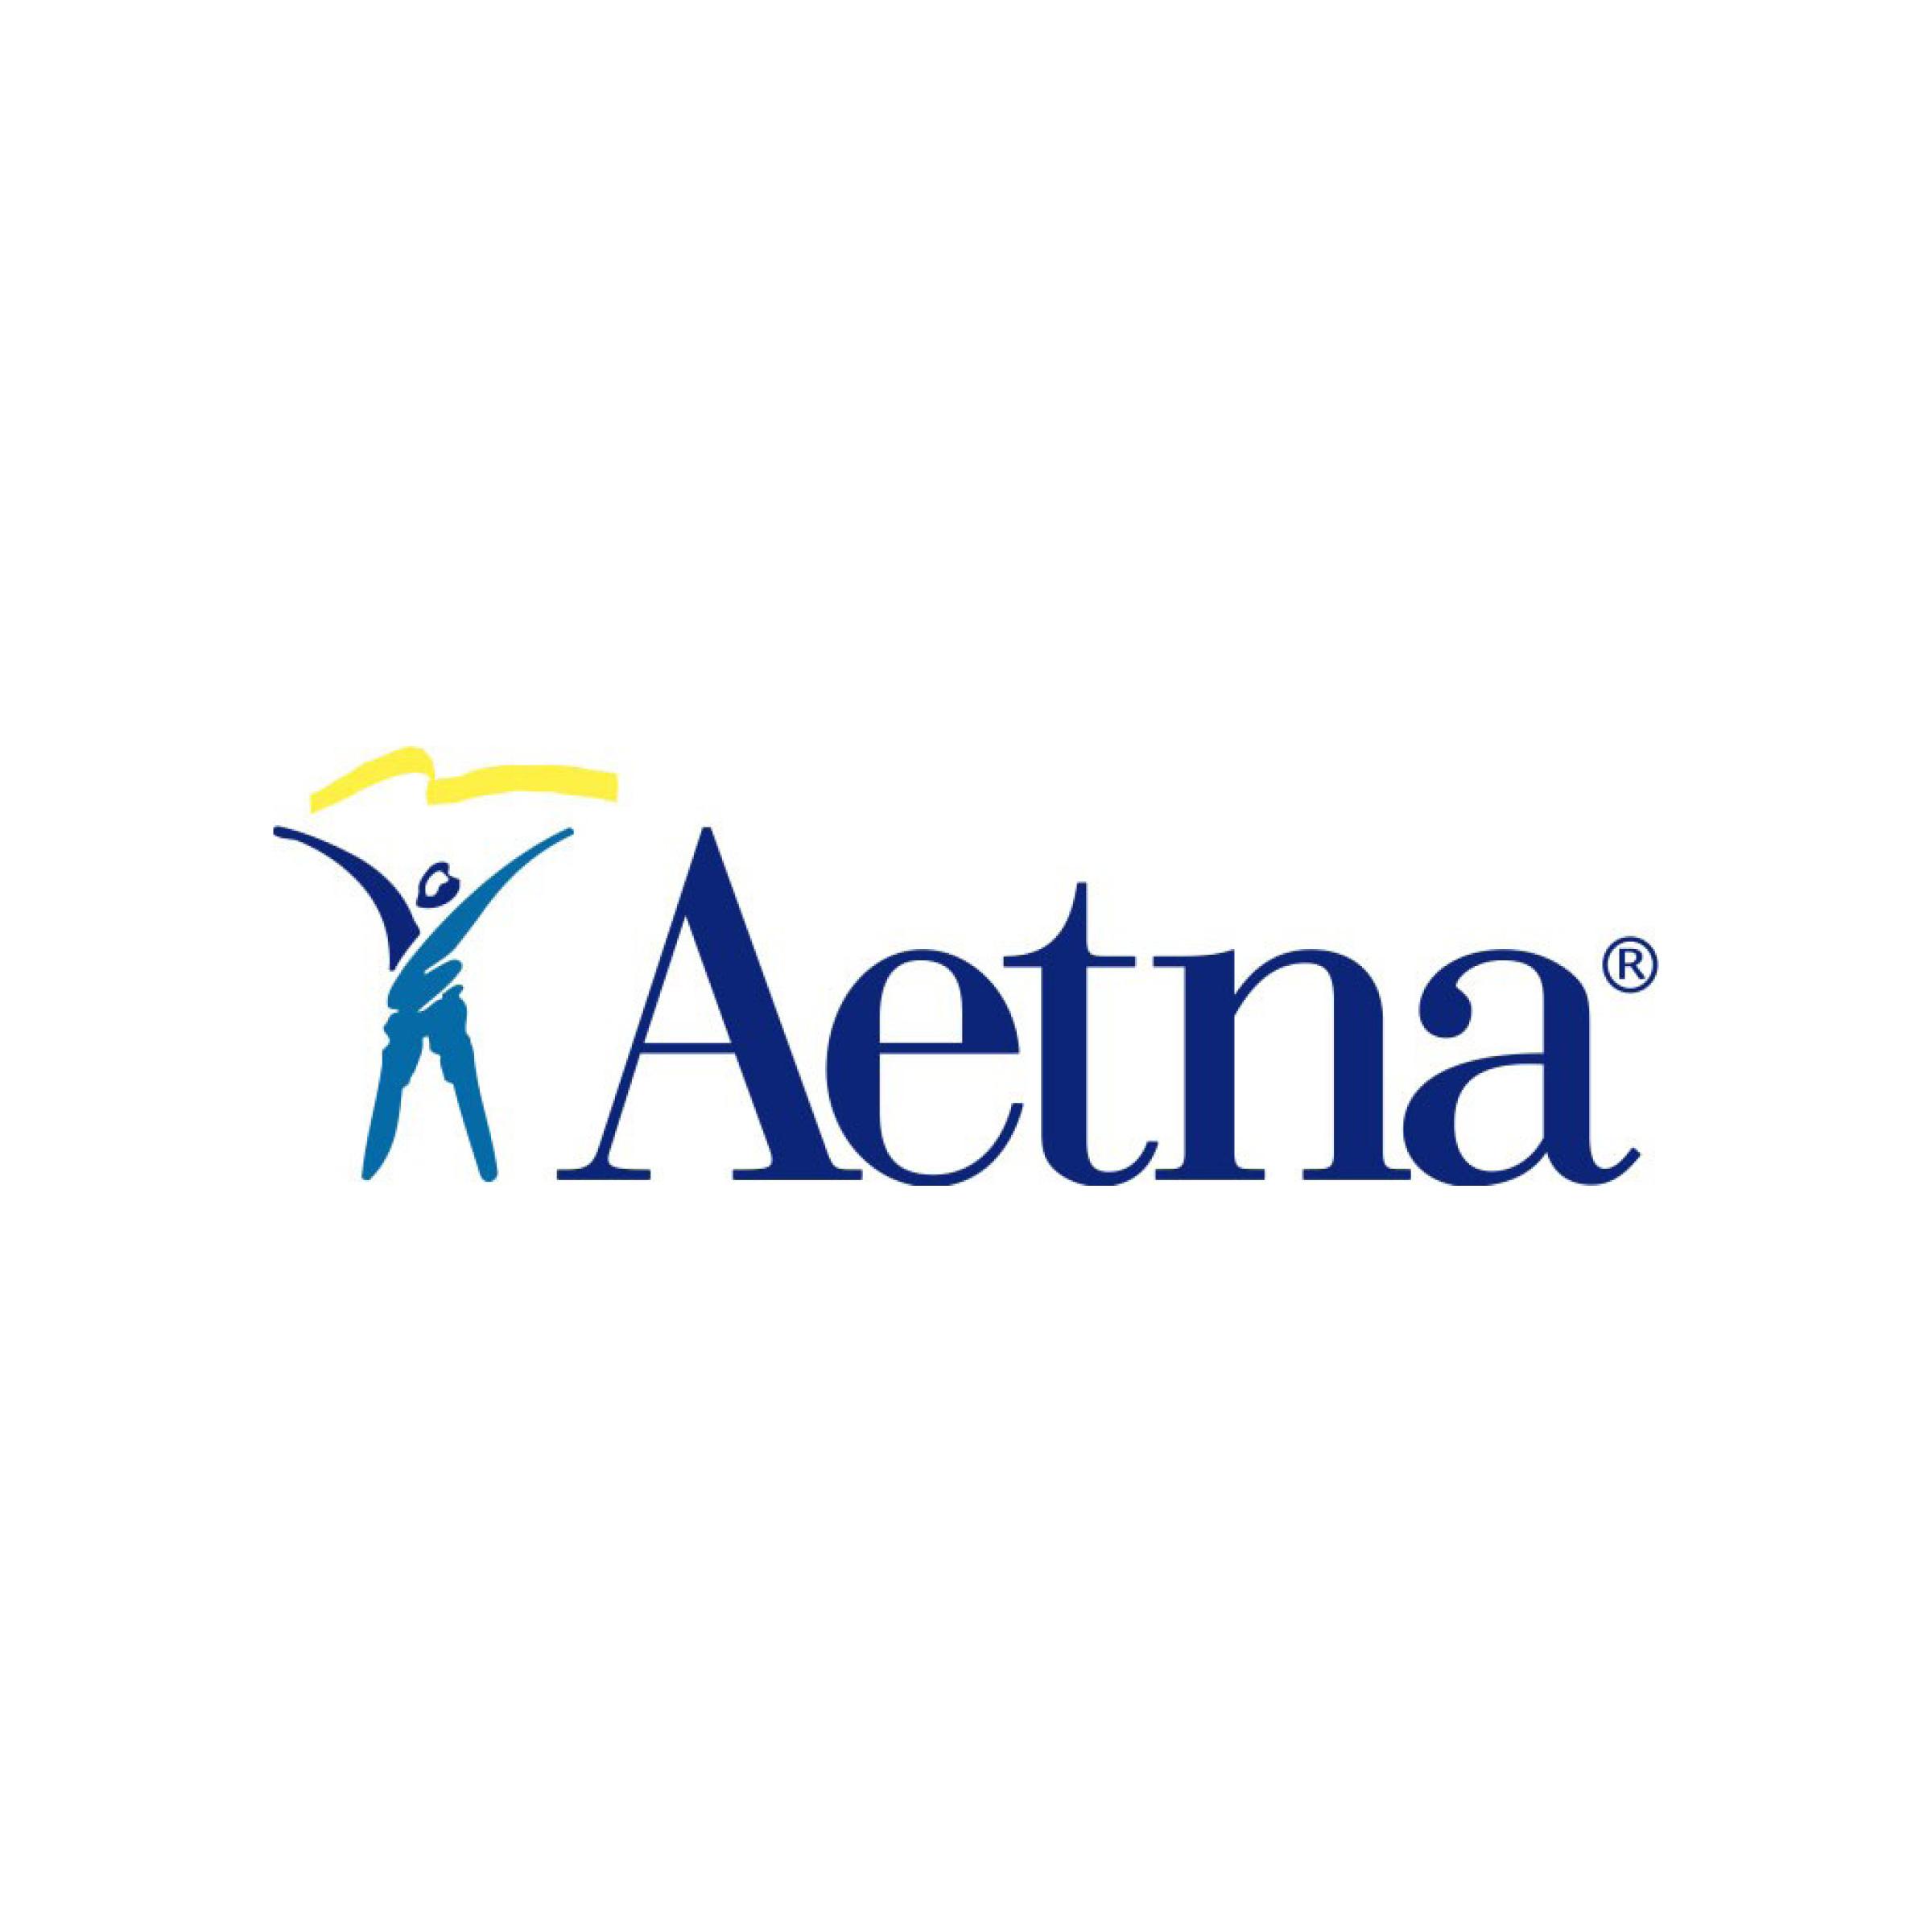 AETNA SQ.jpg